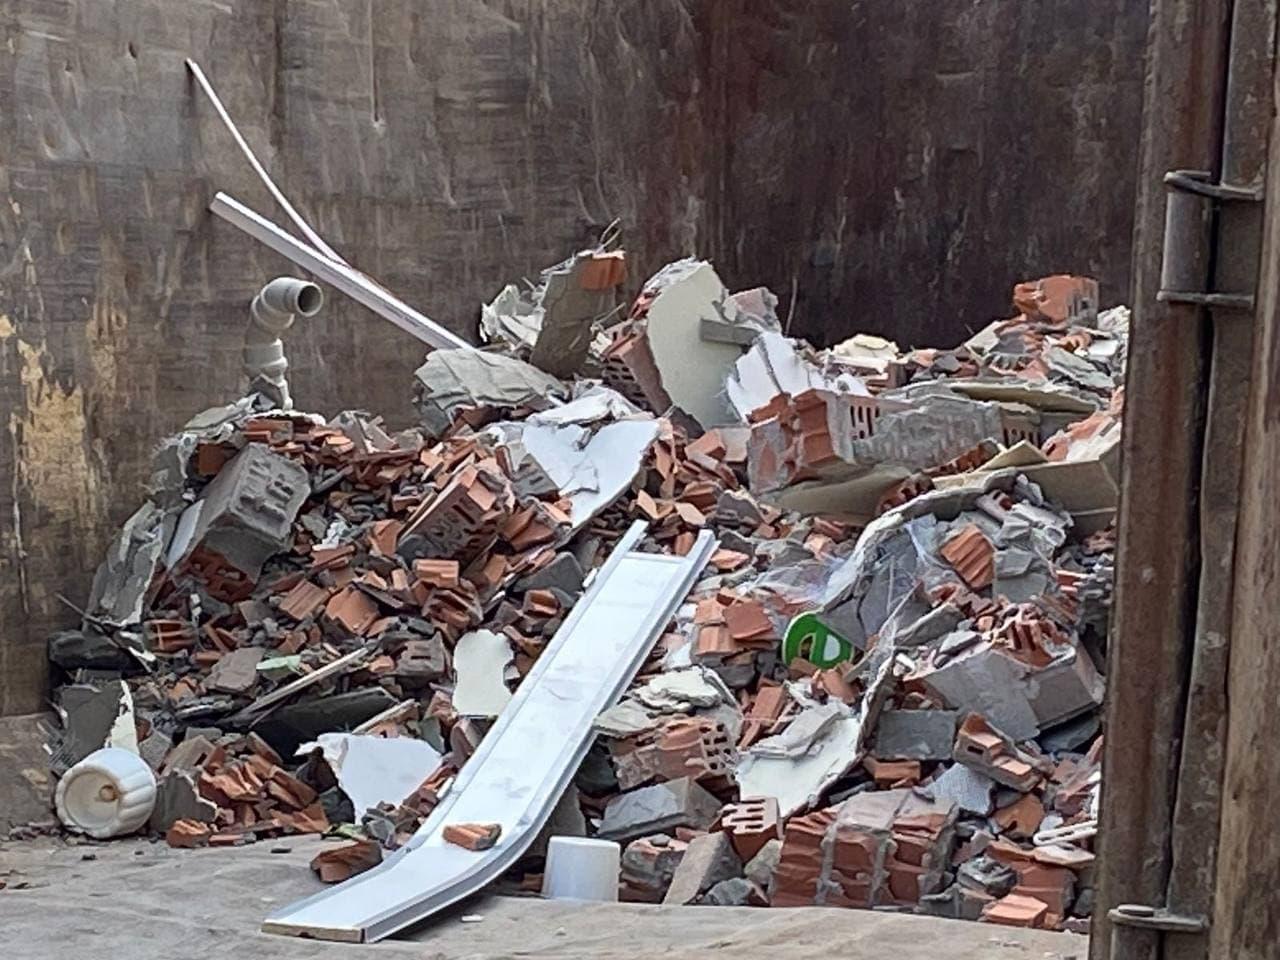 строительный мусор из помещения бывшего садика